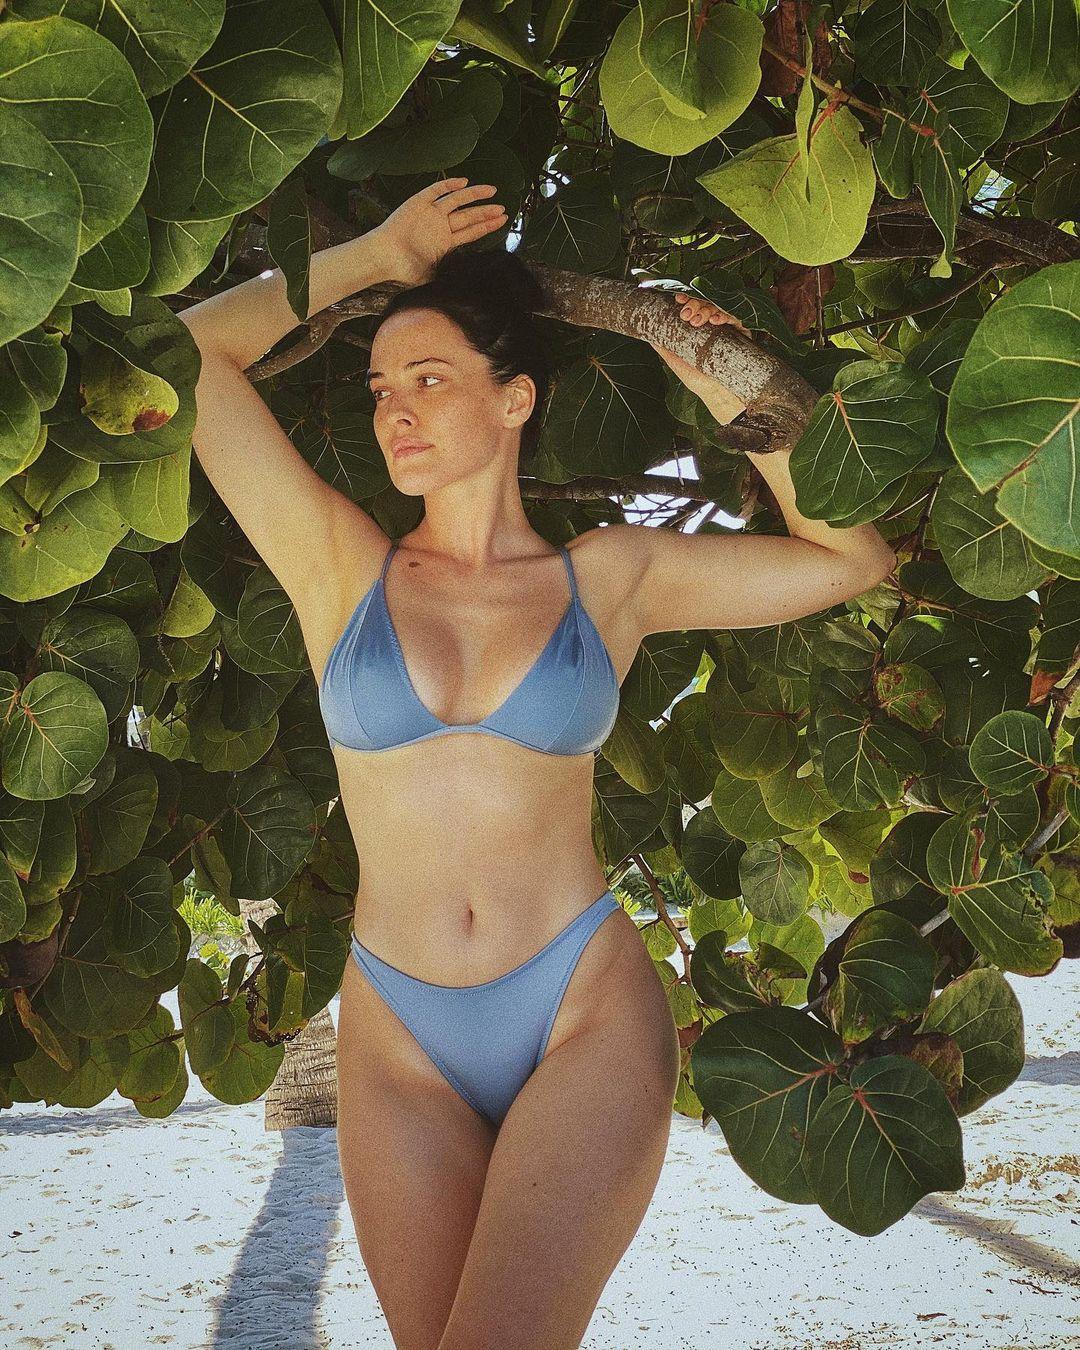 Даша Астафьева похвасталась великолепной фигурой на сочных фото отдыхающих